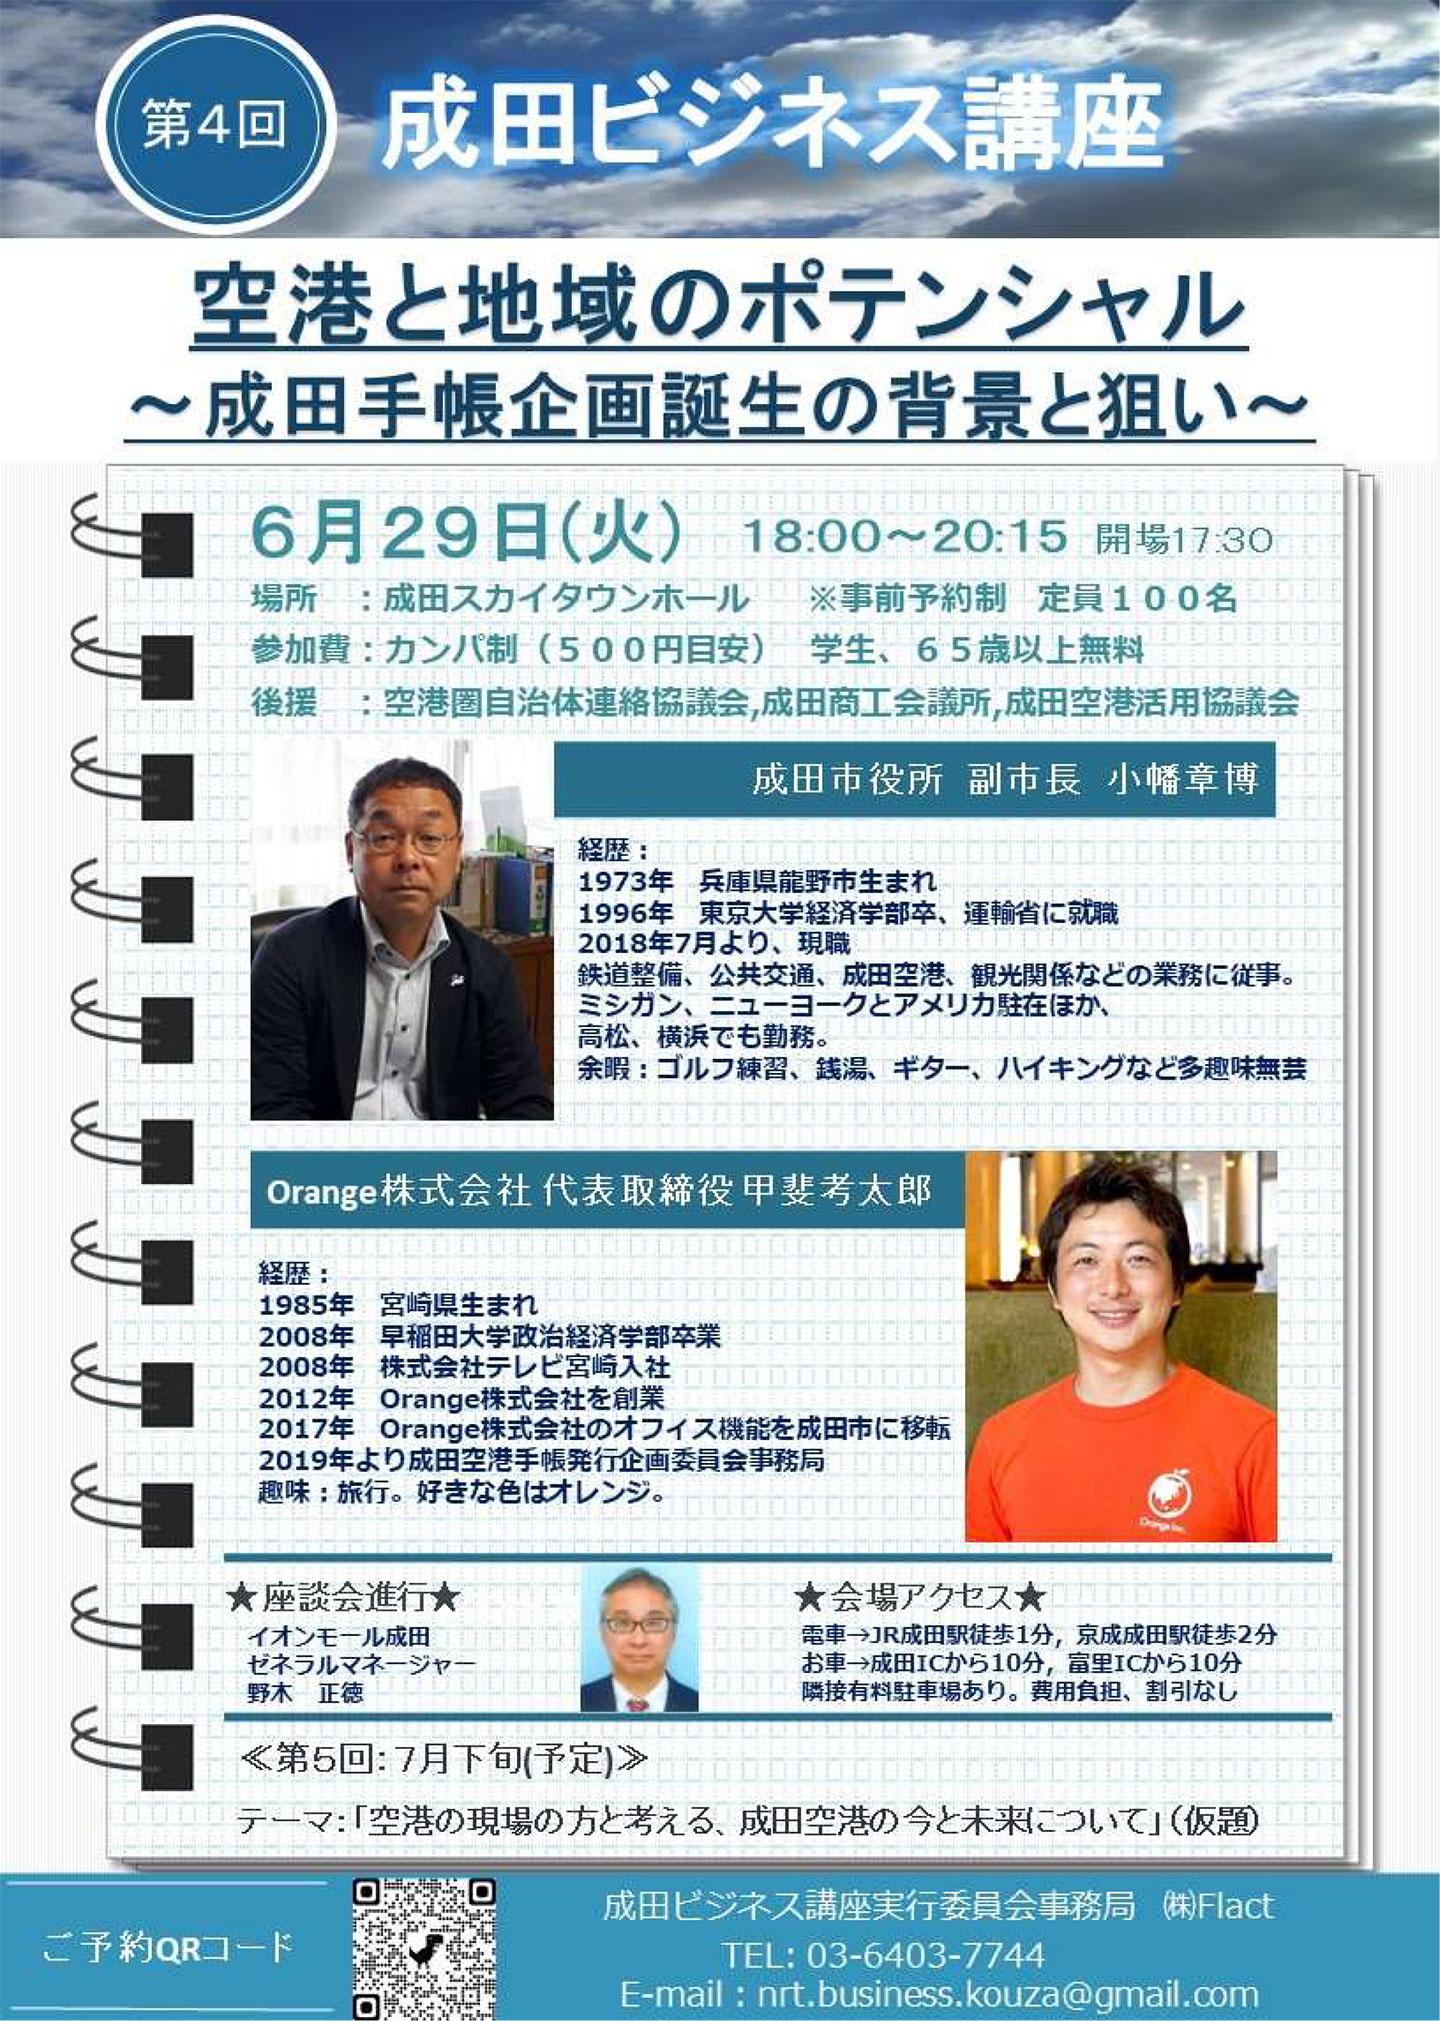 第4回成田ビジネス講座の開催